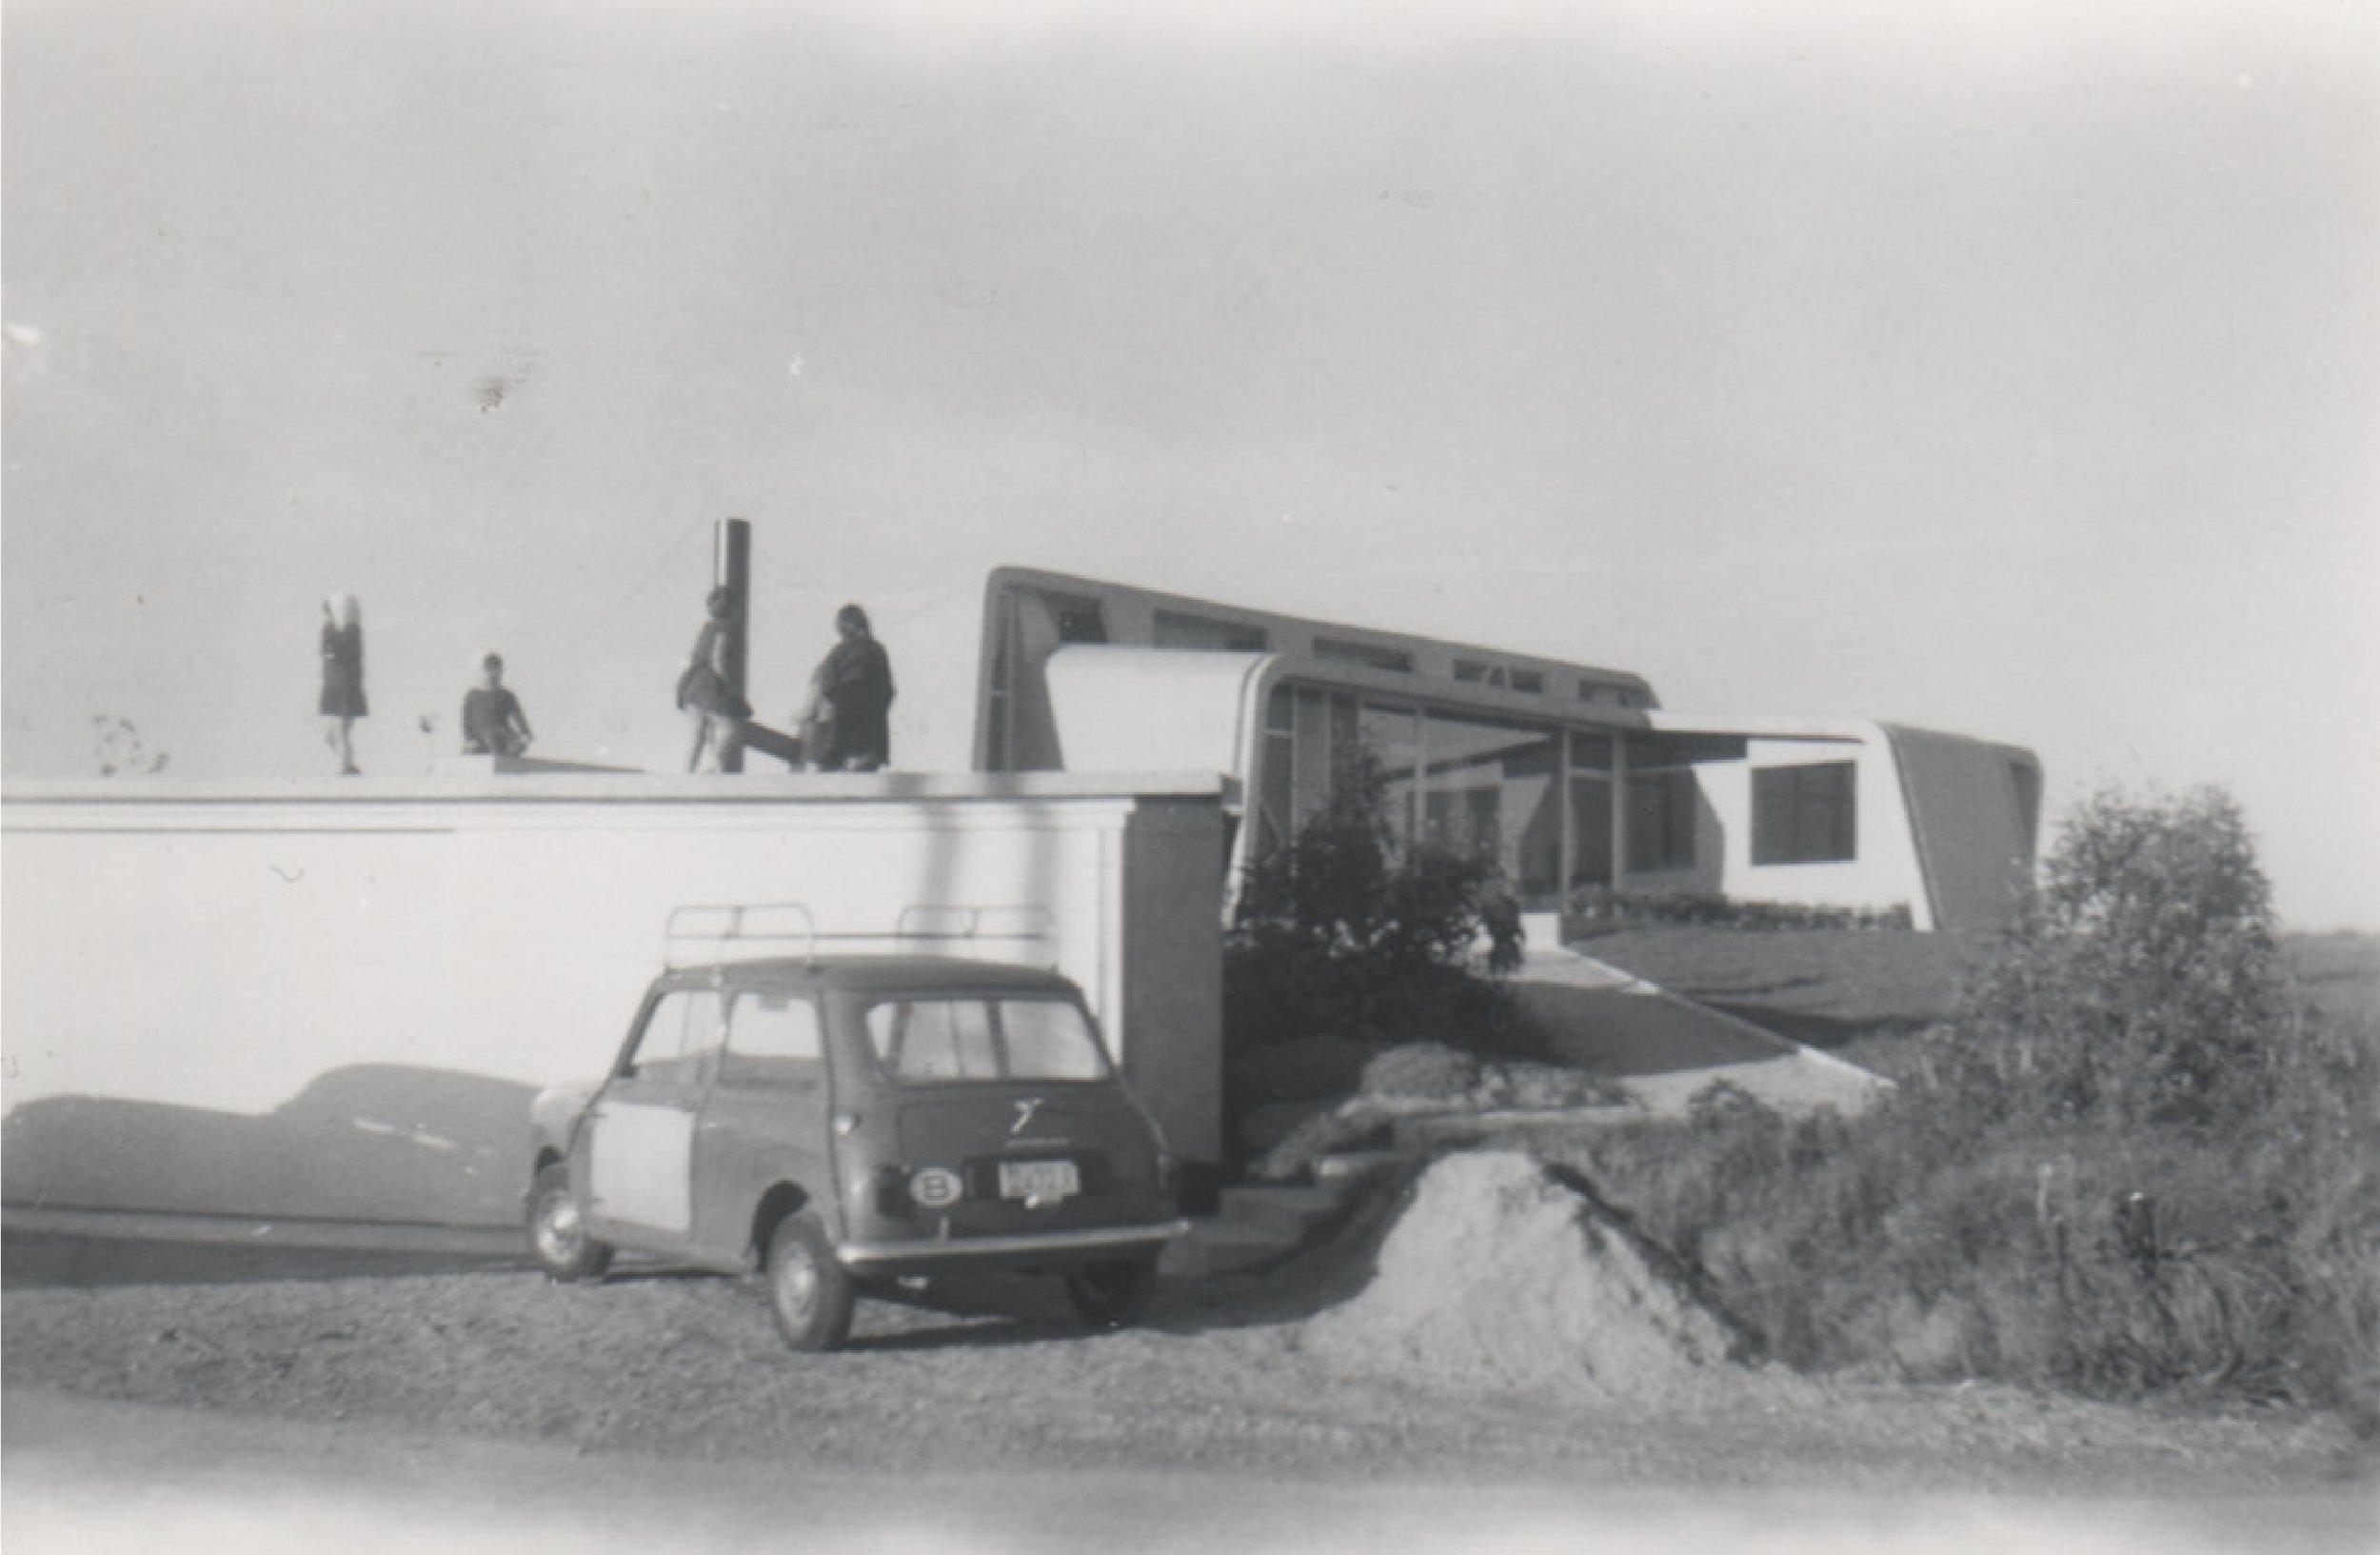 Woning Roelants, 1962.